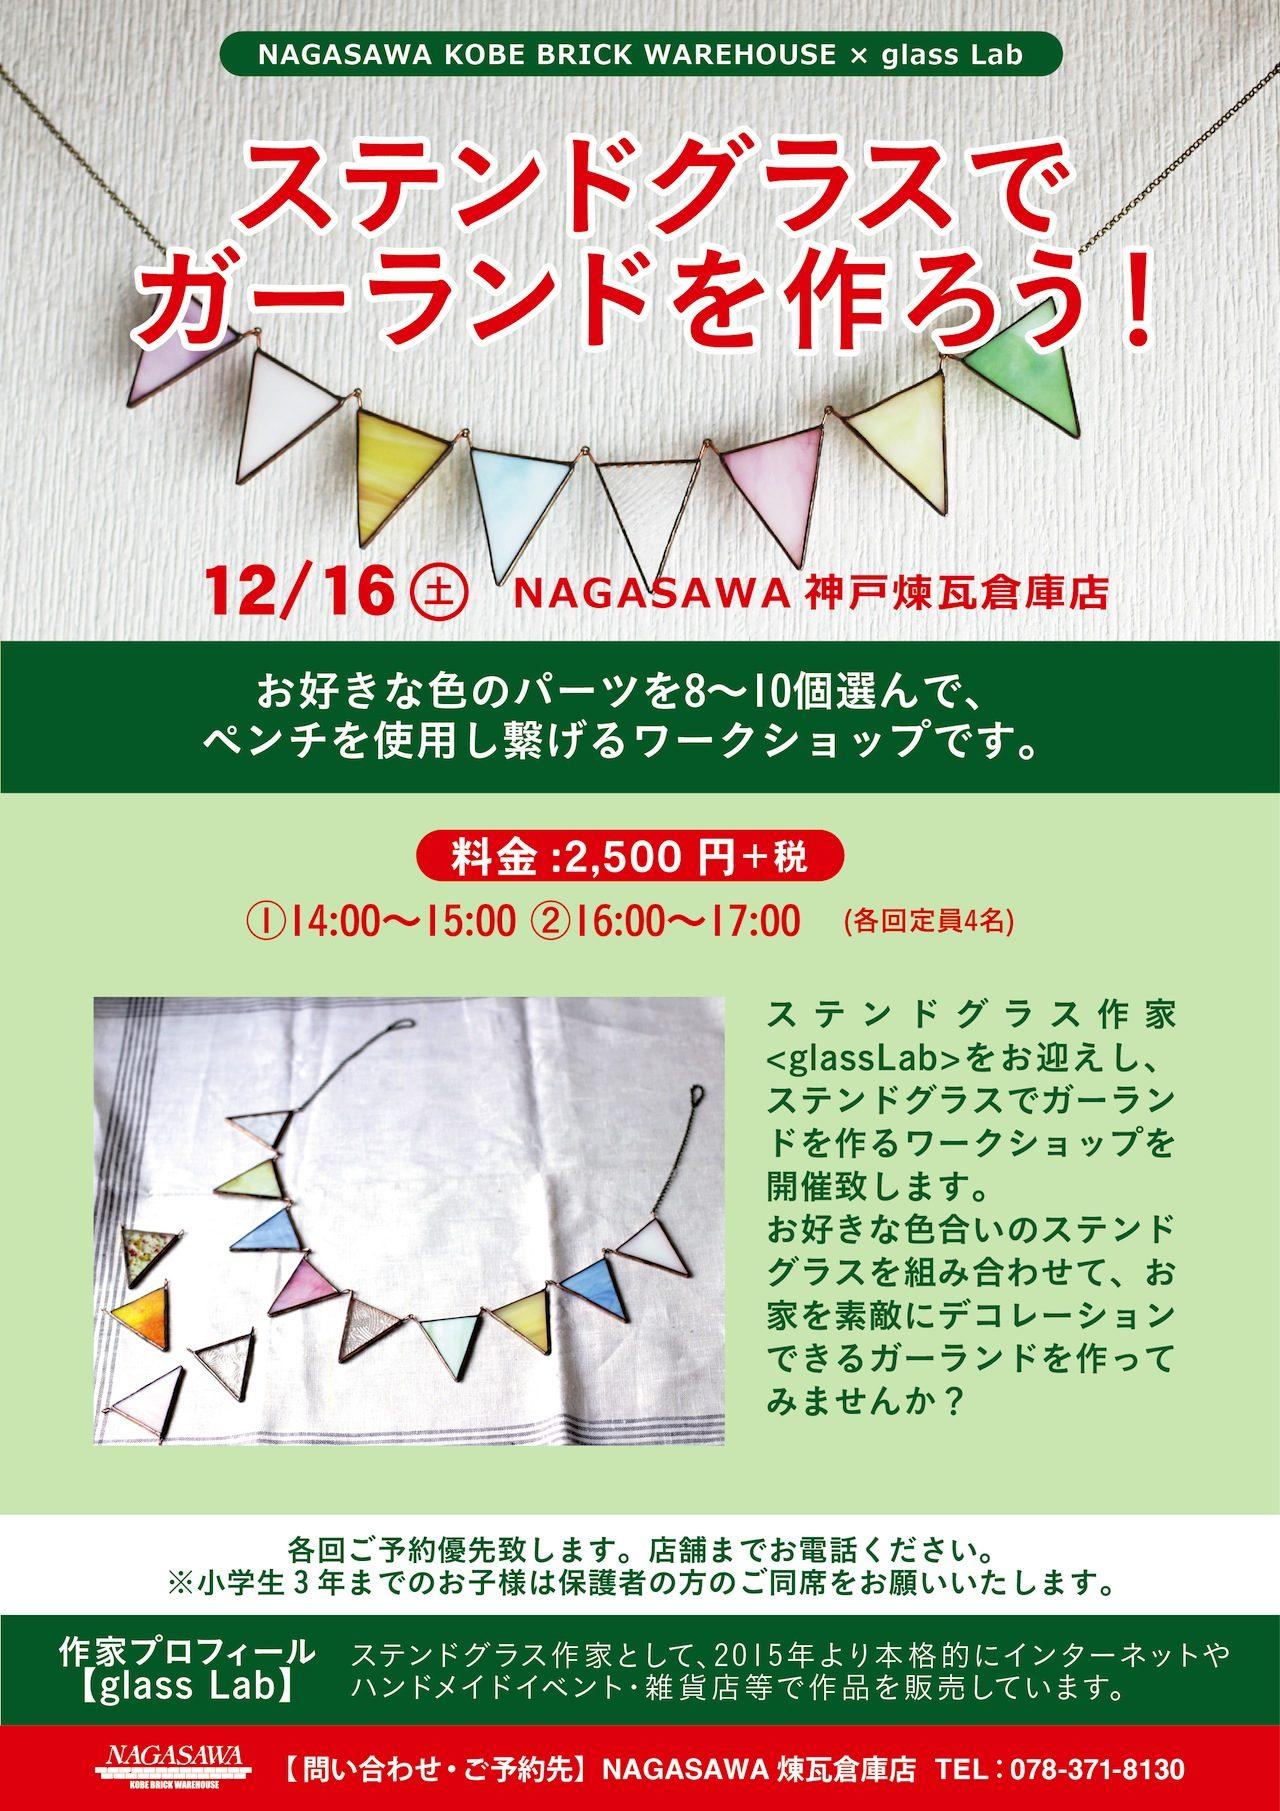 クリスマスやイベントなど、お家をデコレーションできるステンドグラスアートを楽しみませんか?